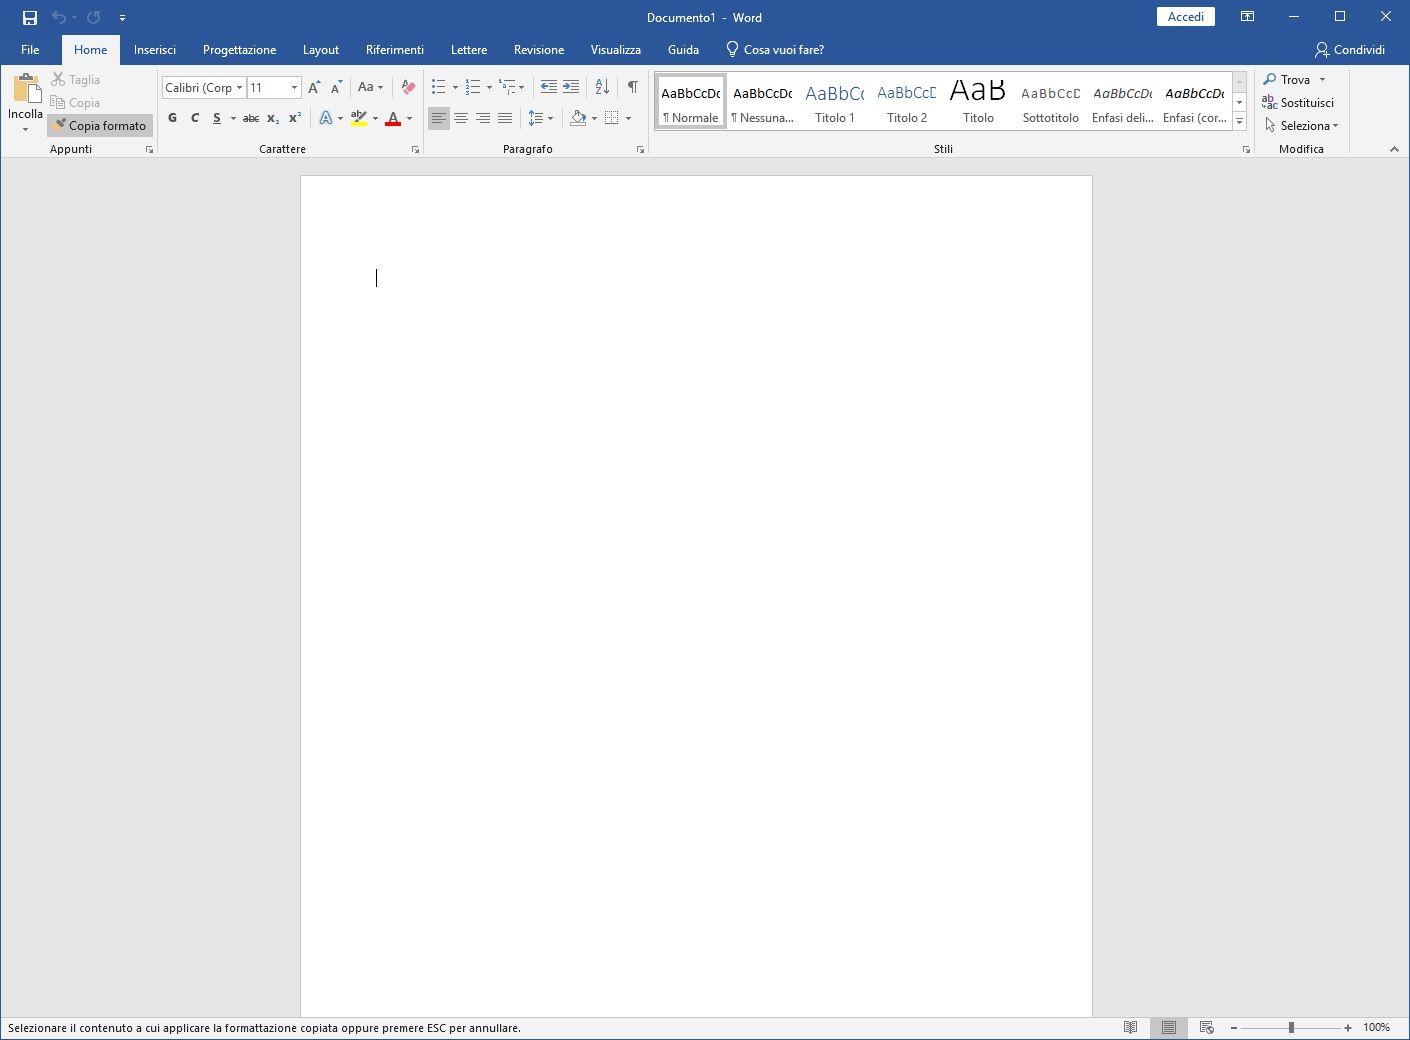 Microsoft Office Professional Plus VL 2019 AIO 2 in 1 - 1910 (Build 12130.20344) - ITA